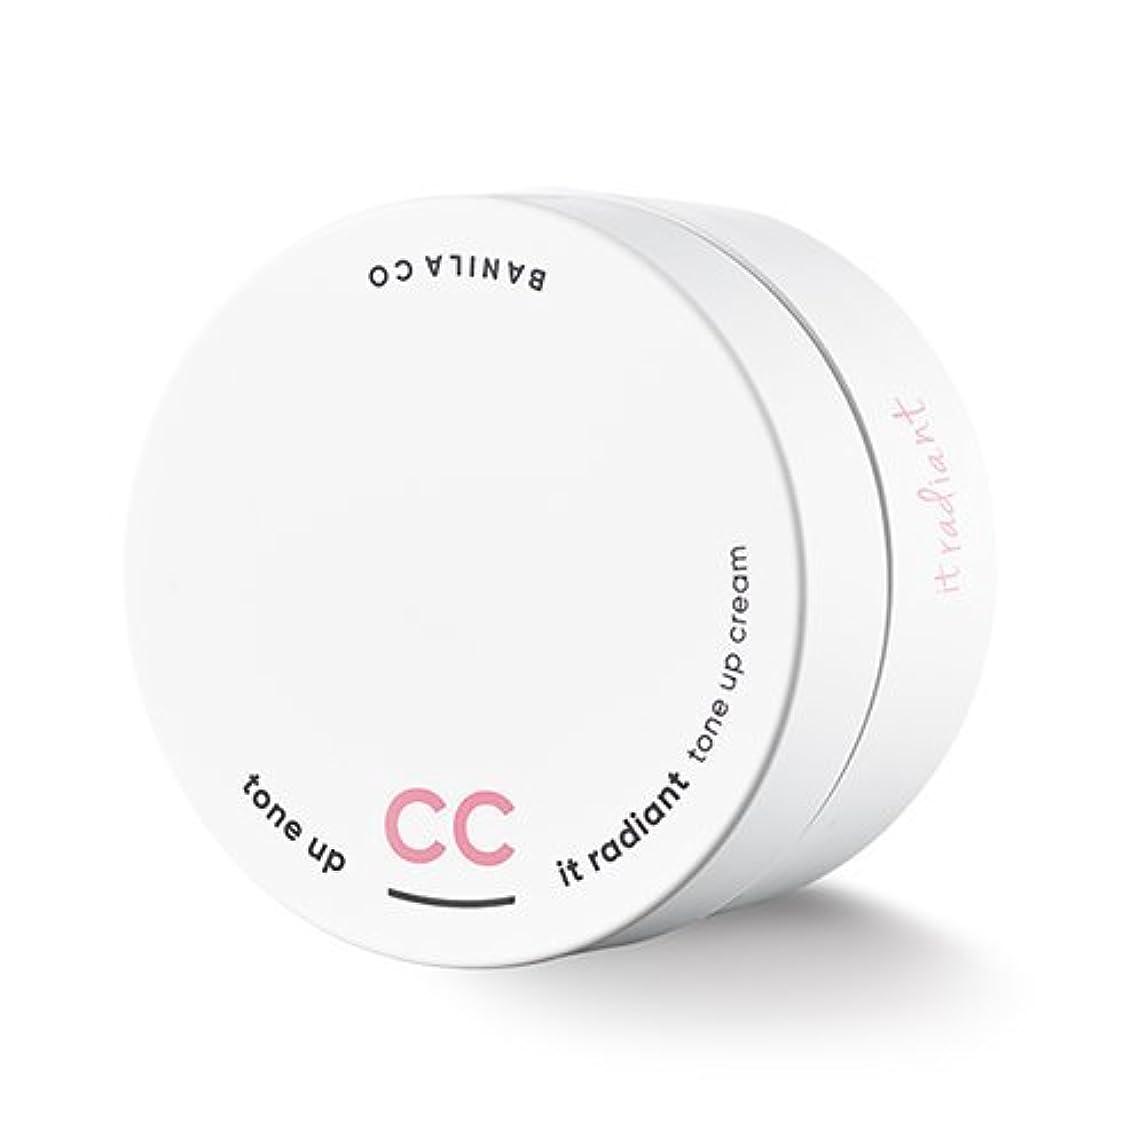 氷哲学的たるみBANILA CO It Radiant CC Tone Up Cream 50ml/バニラコ イット ラディアント CC トーンアップ クリーム 50ml [並行輸入品]